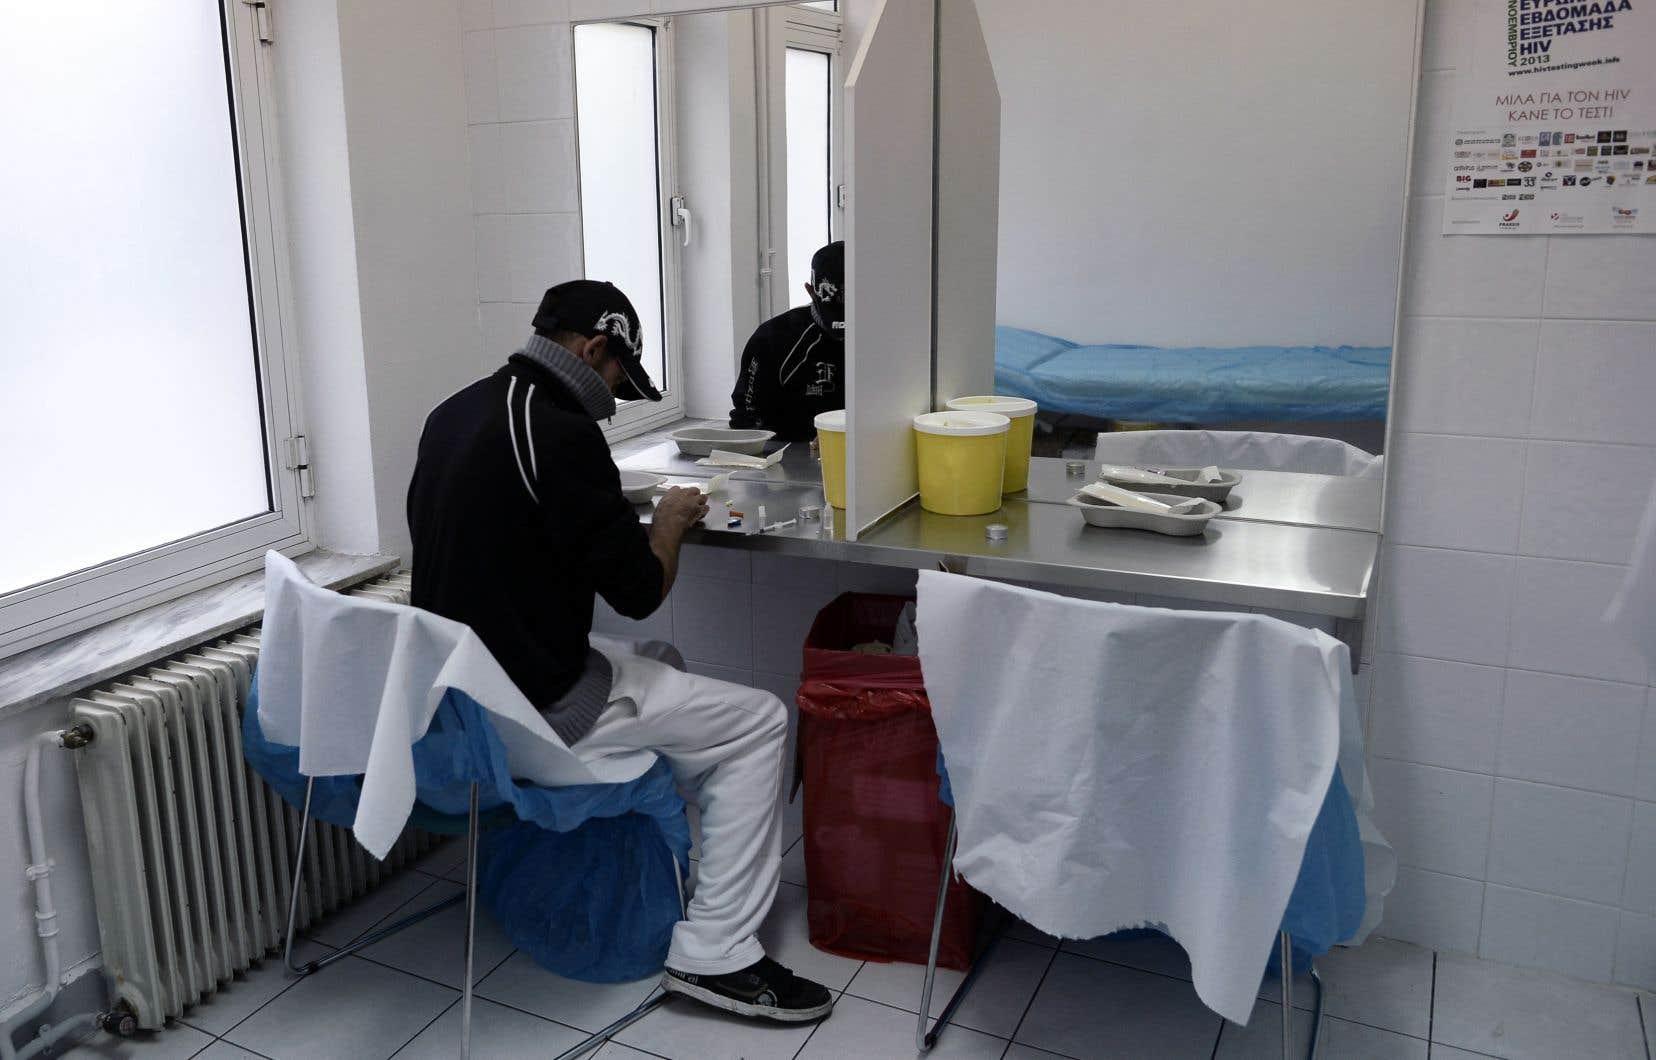 Comme la Grèce, le Portugal ouvrira ses premiers sites d'injection supervisée.